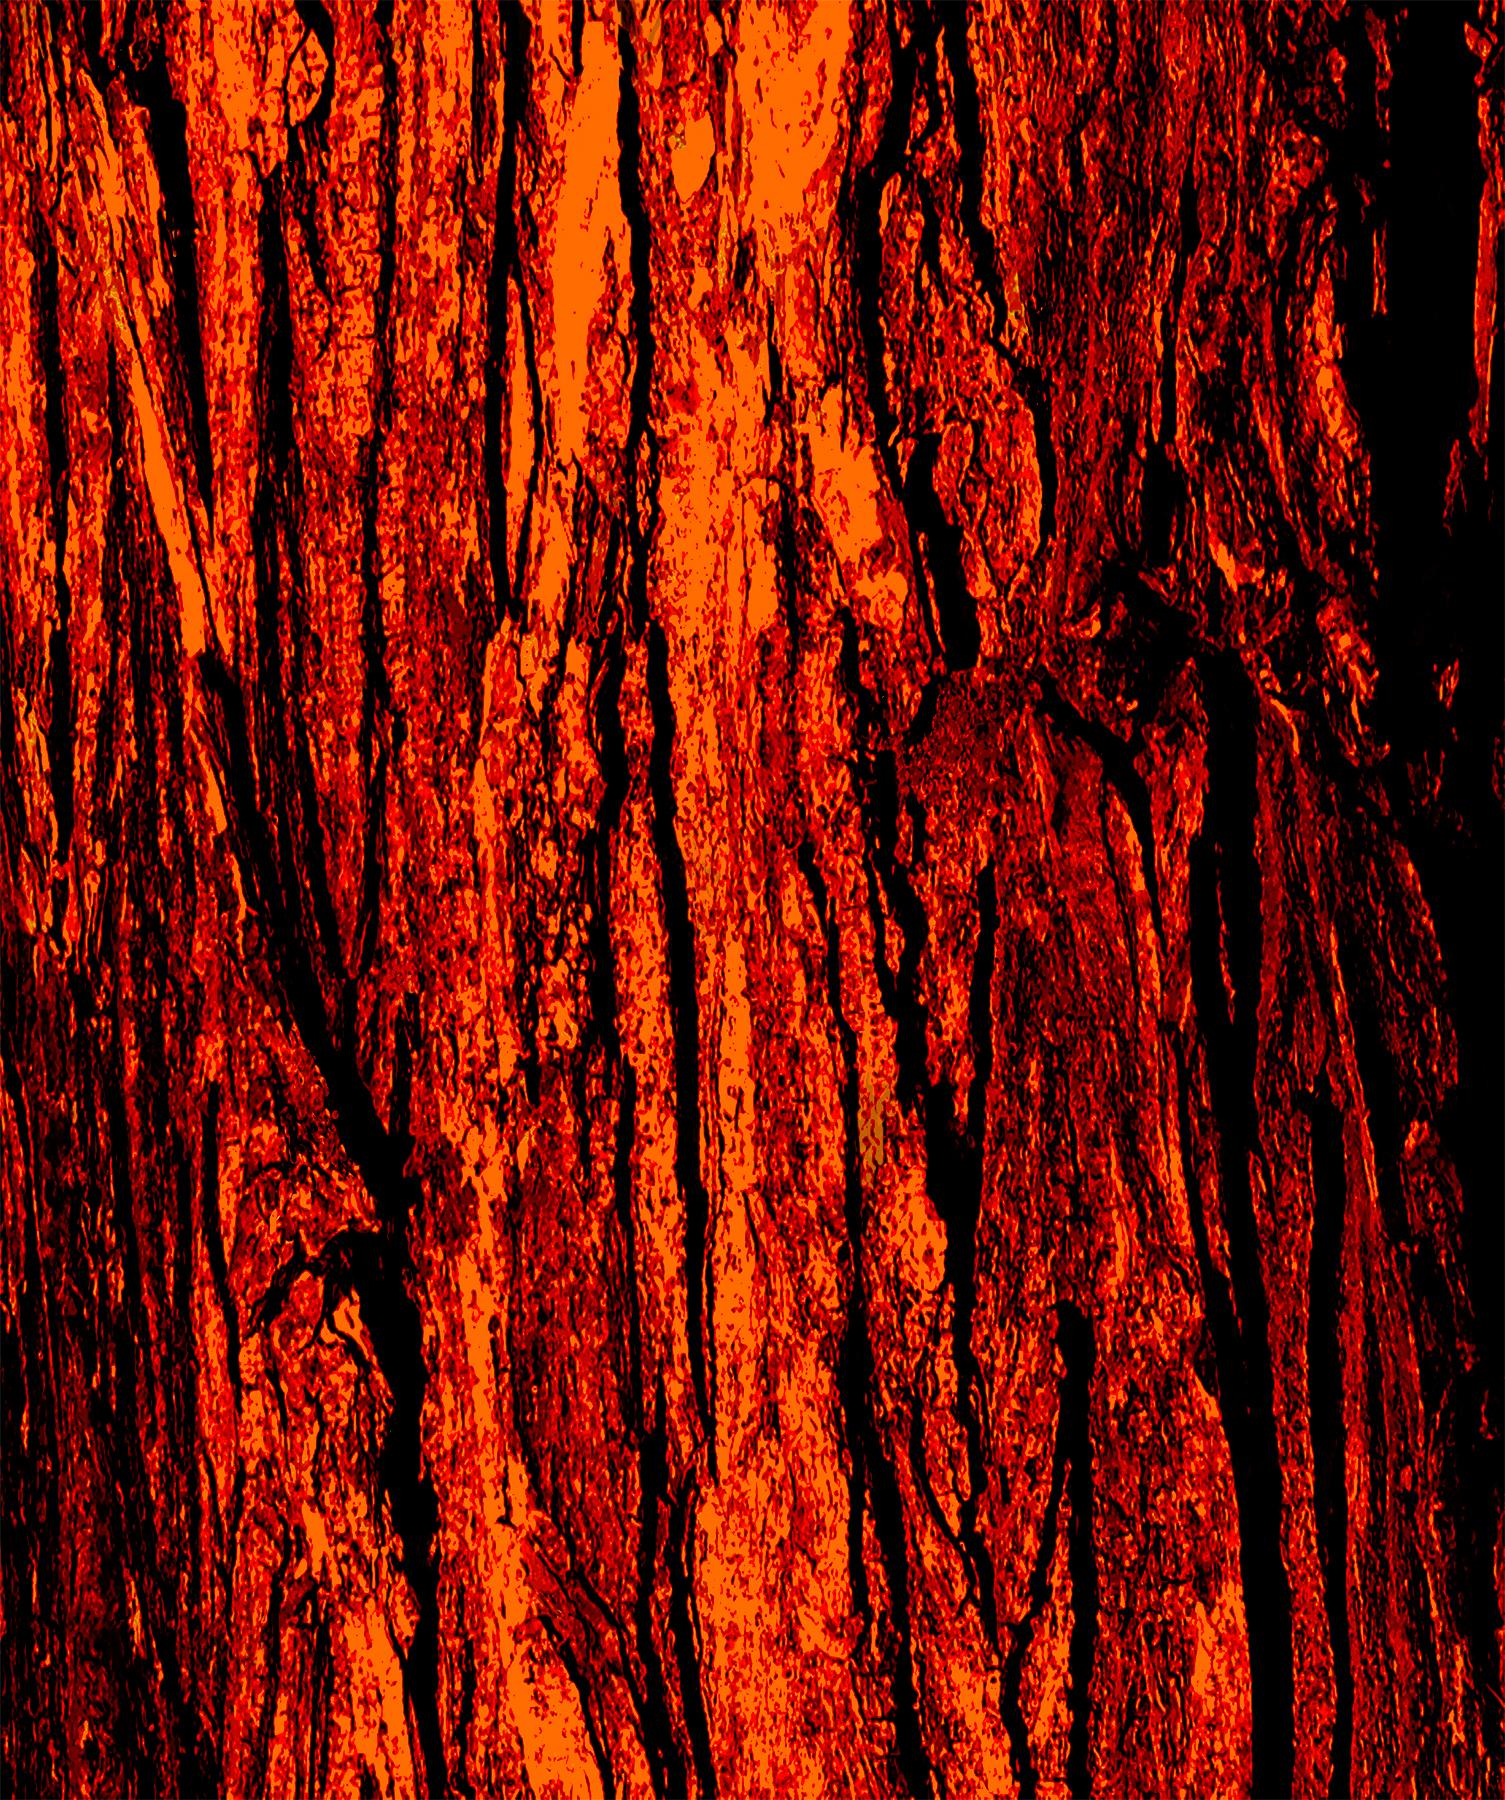 Tree Bark Red .jpg